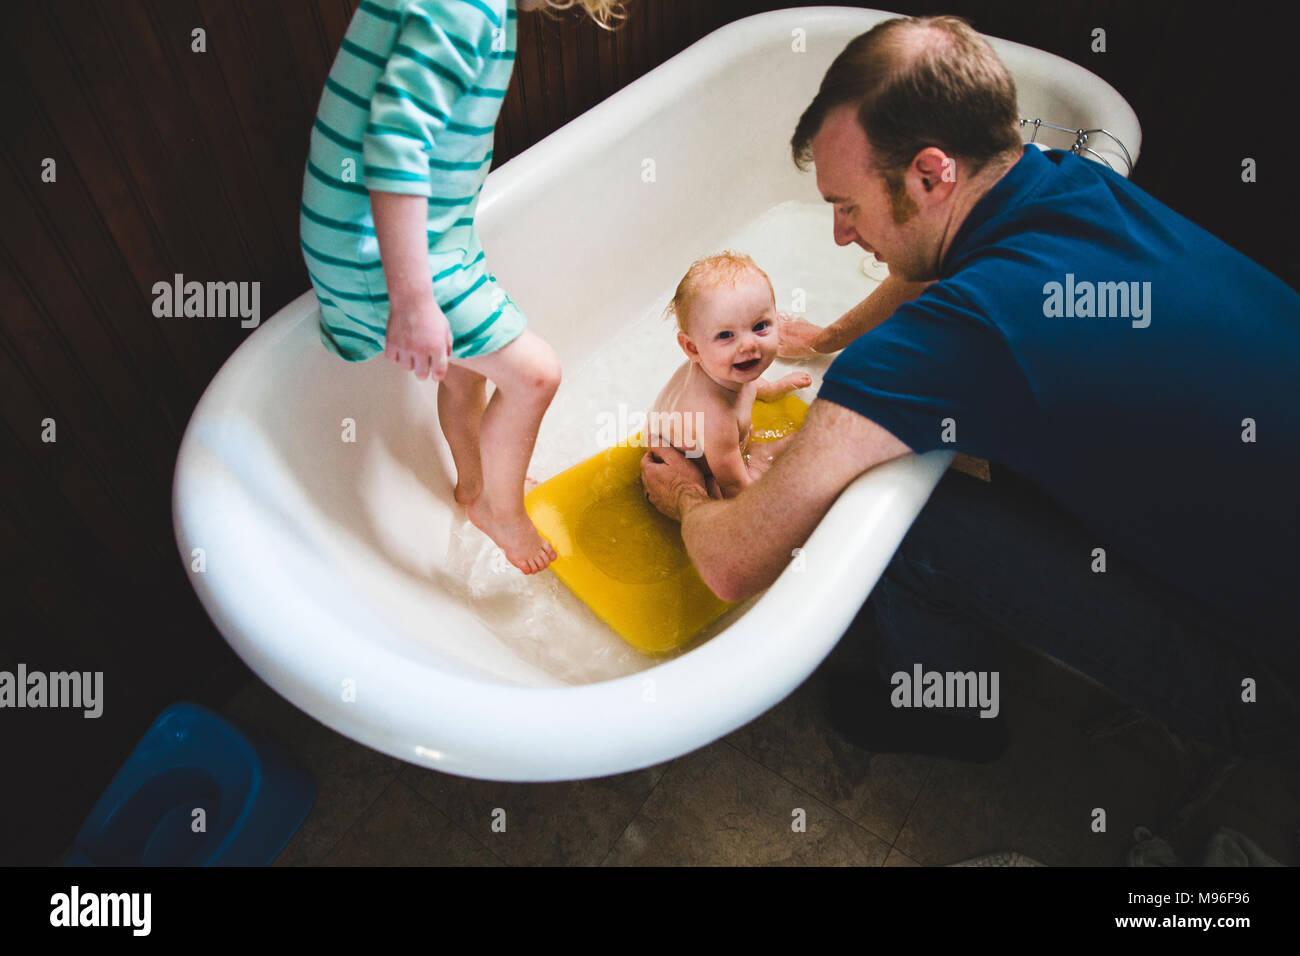 Waschen Vater Baby in Wanne mit anderen Mädchen Stockbild